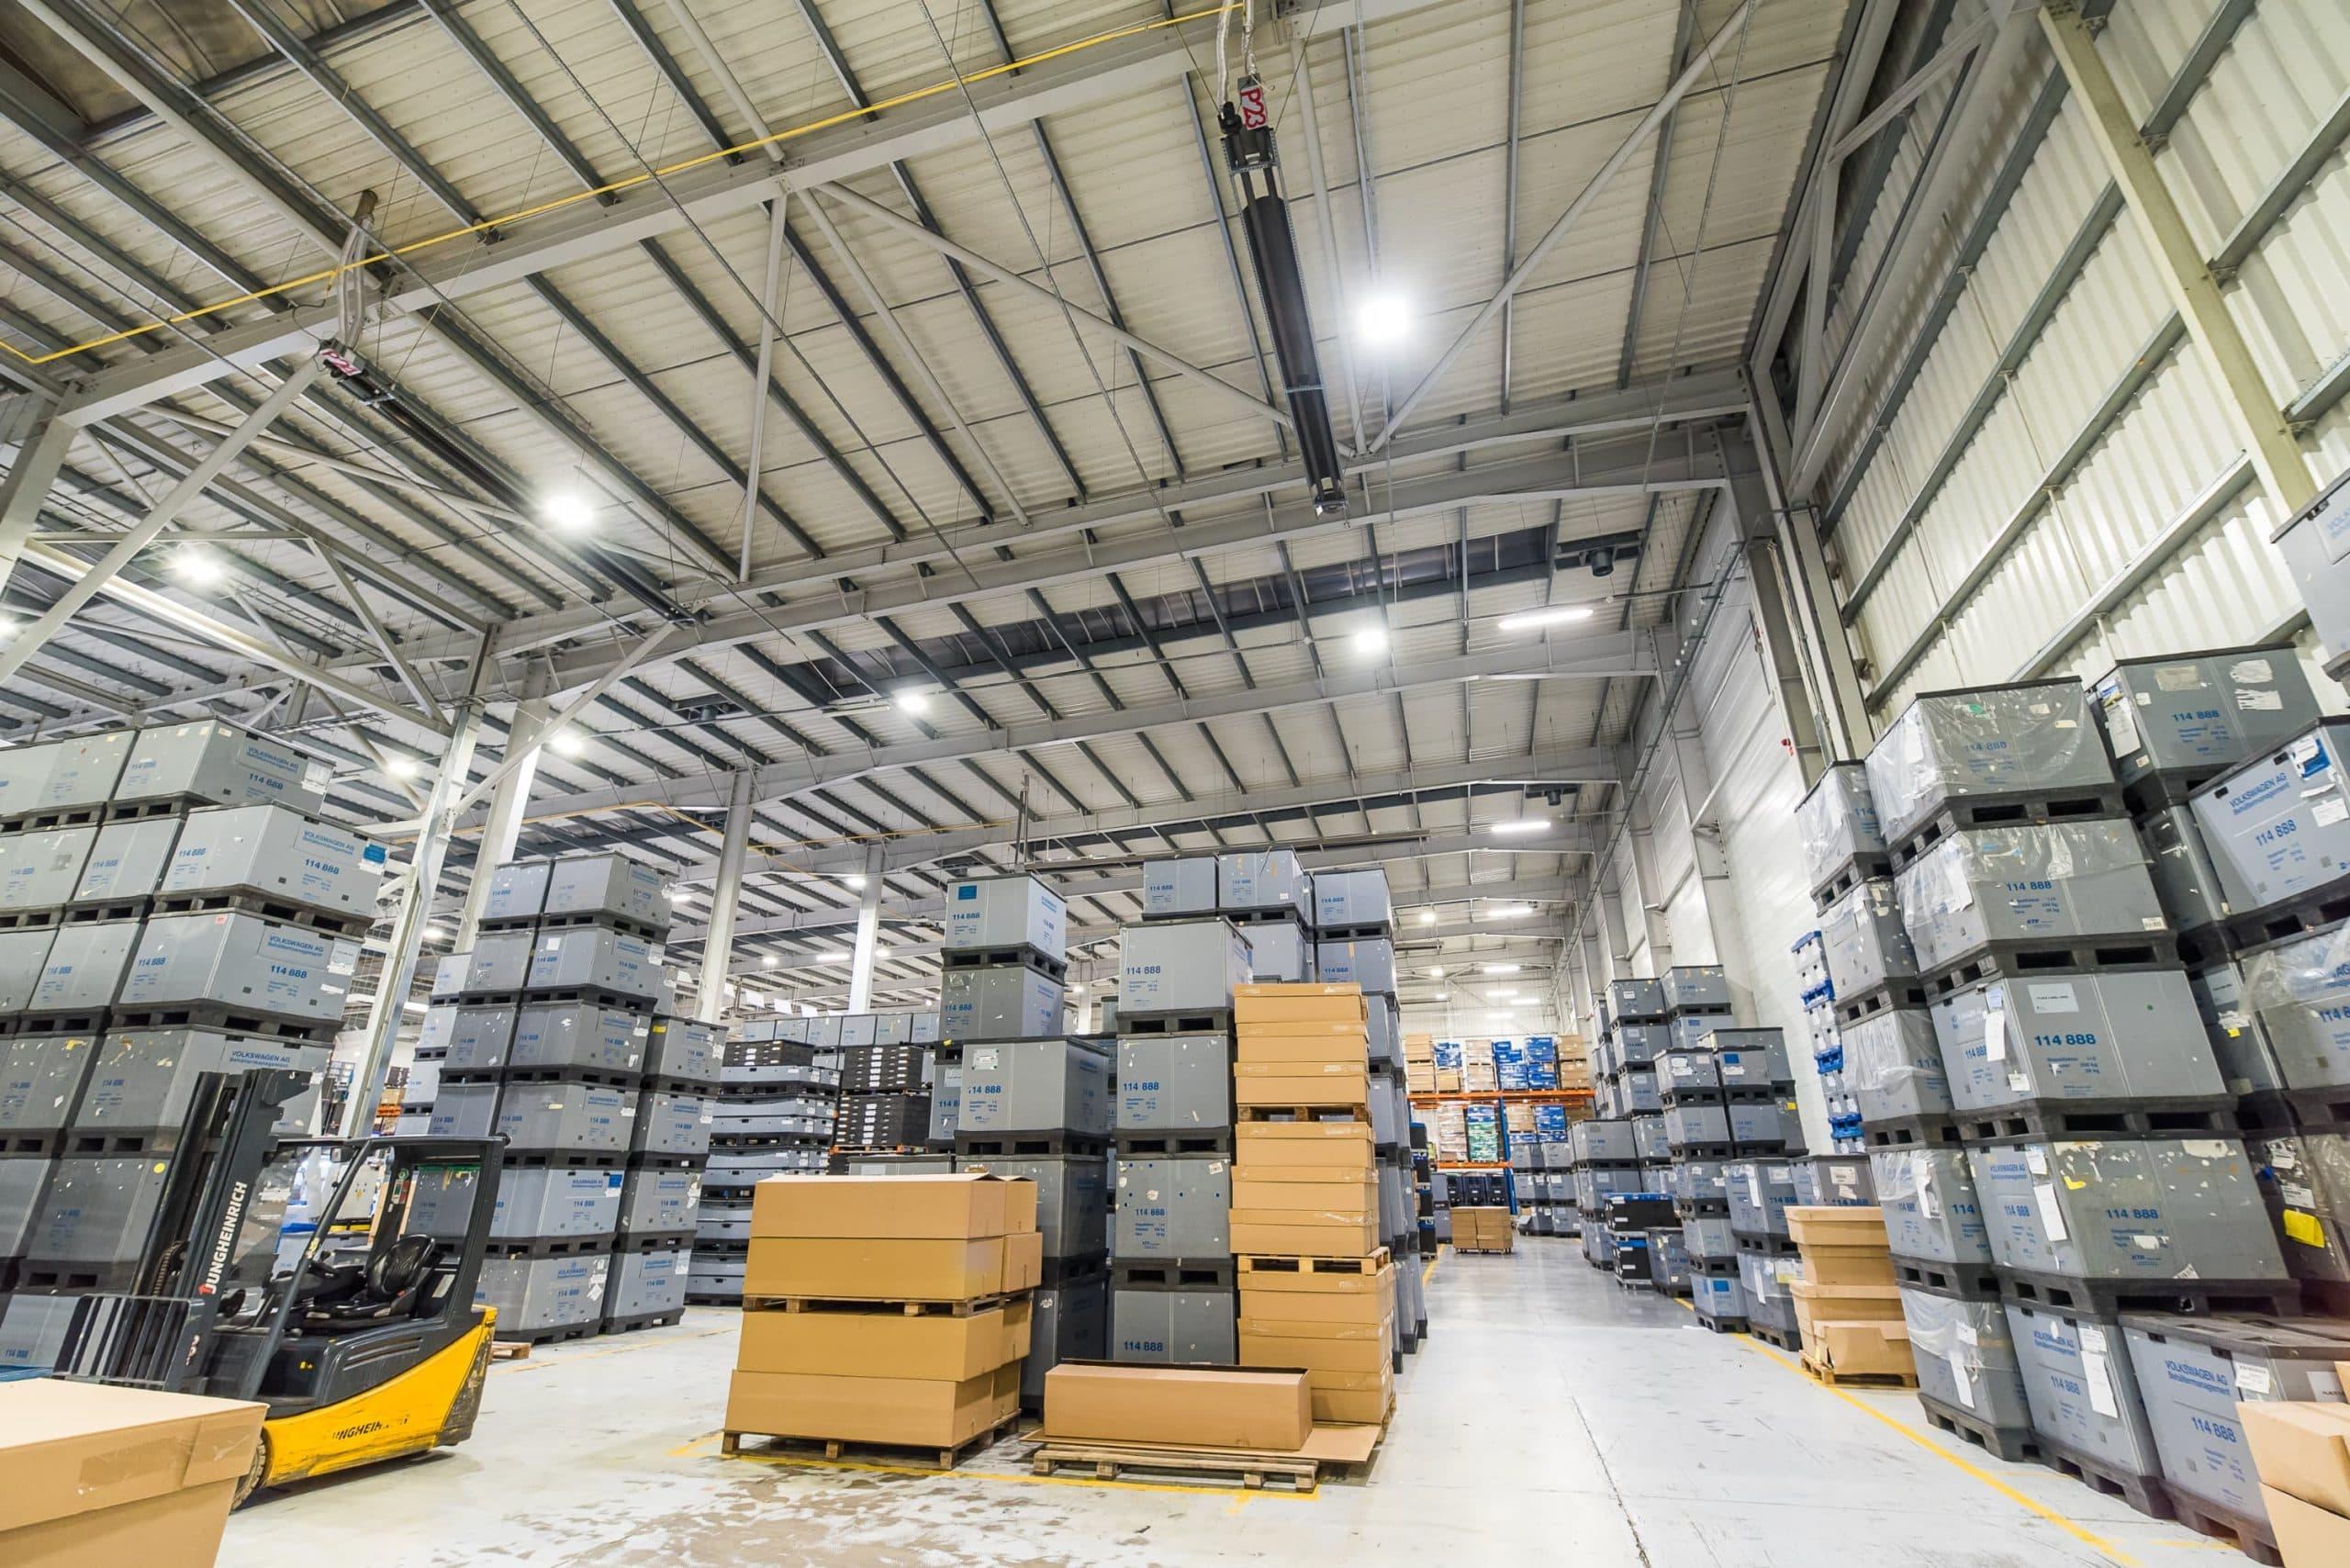 Zmodernizowany magazyn wysokiego składowania firmy Simoldes - oprawy przemysłowe Highbay firmy Luxon LED